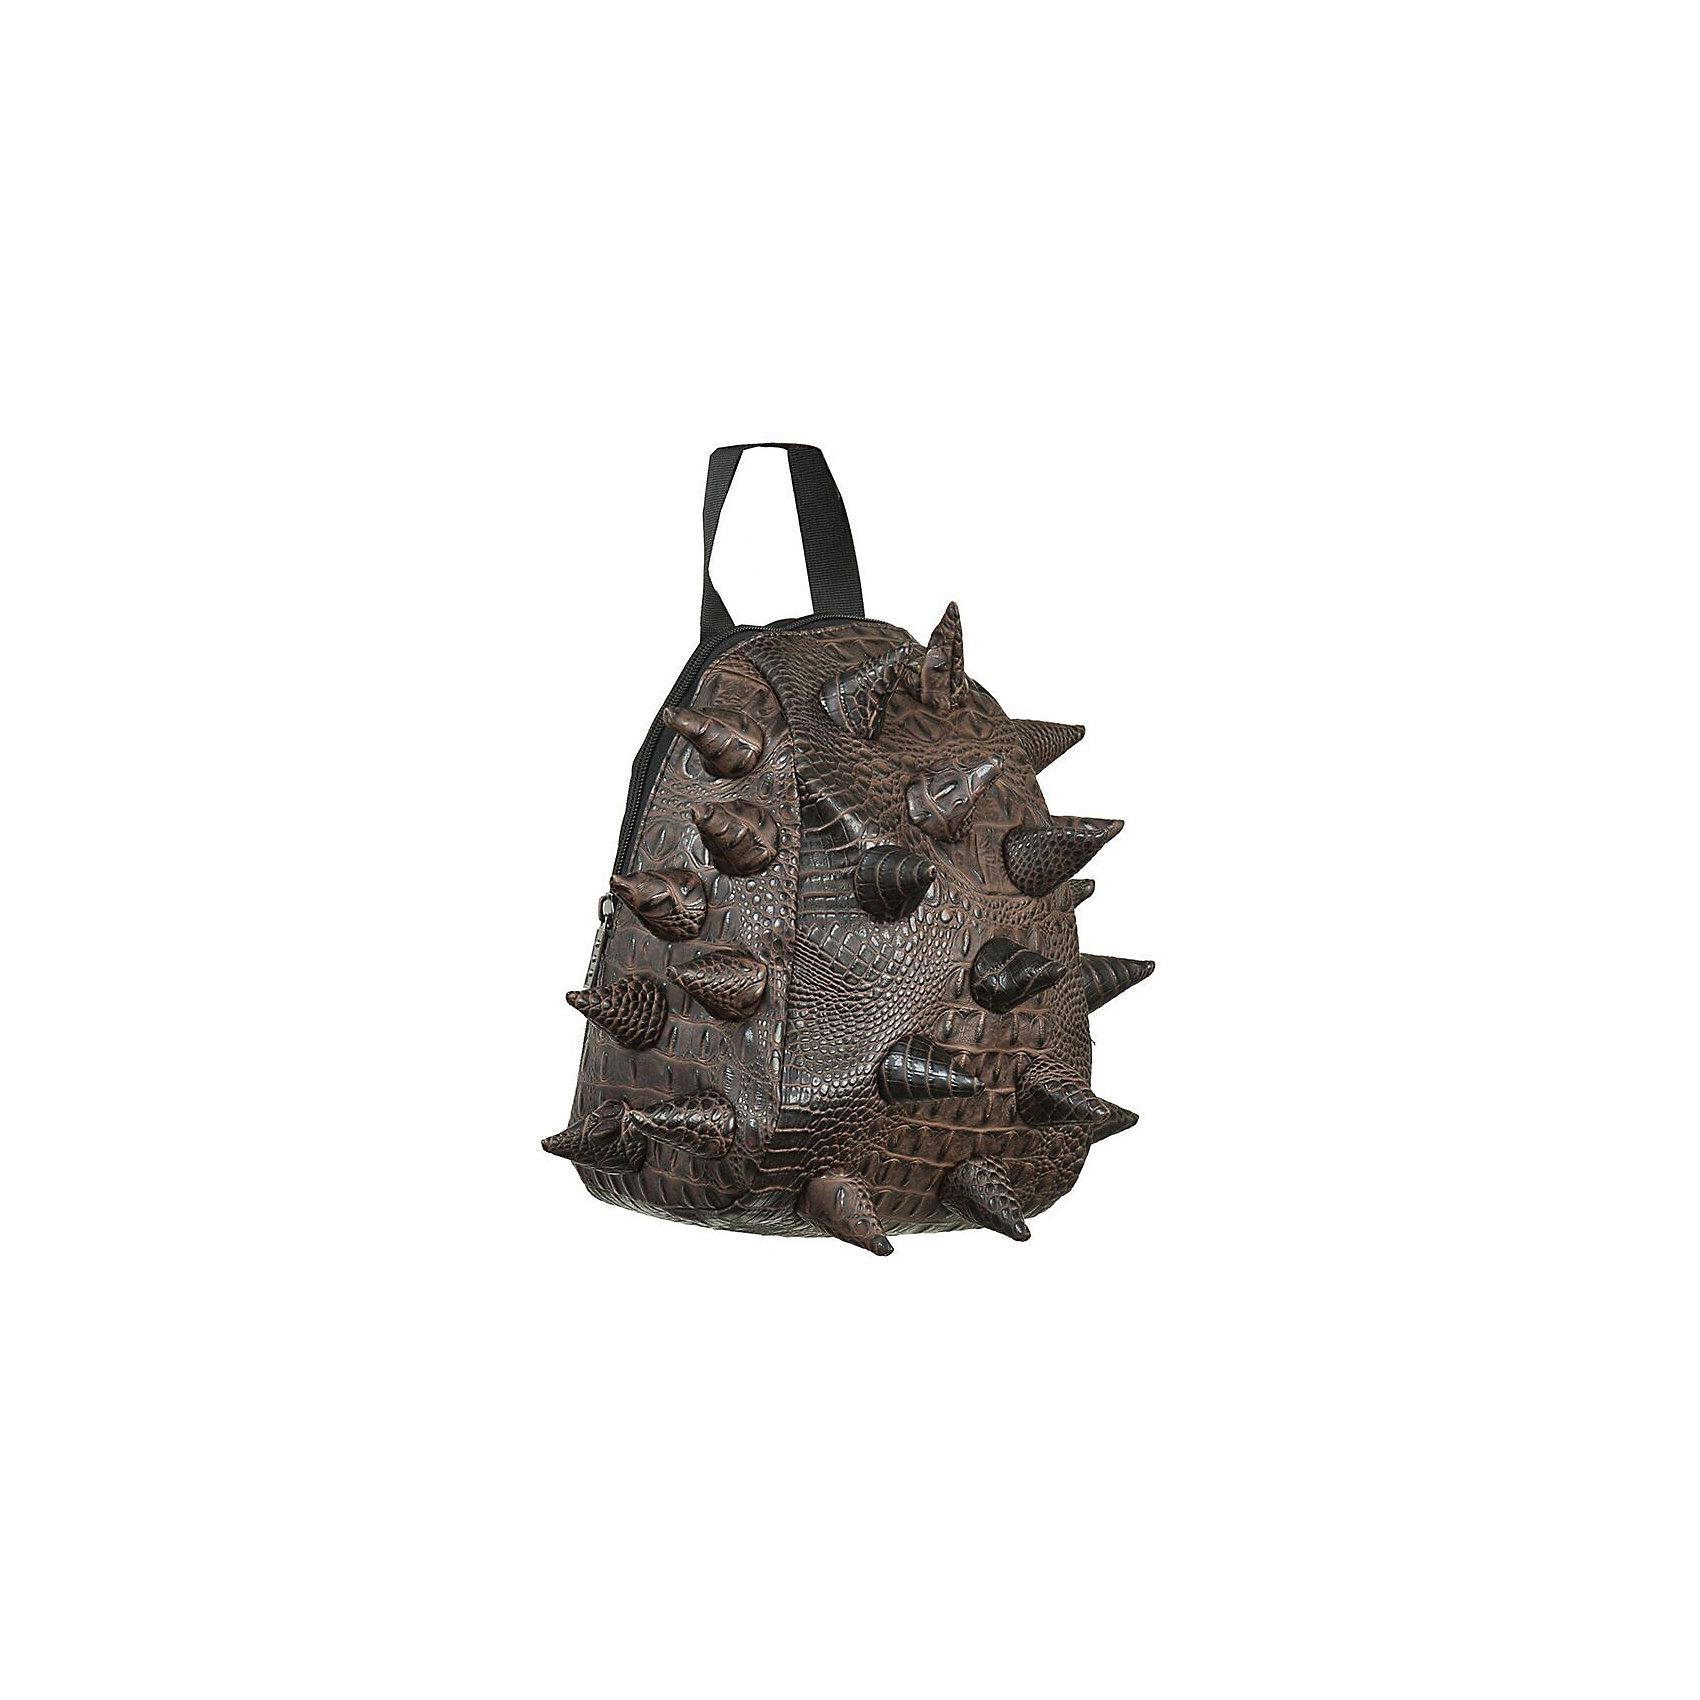 Сумка (ланч-бокс) Gator Nibbler, цвет Jurassic Brown (коричневый)Детские сумки<br>Вес: 0,2 кг<br>Размер: 30х23х15 см<br>Состав: ланч-бокс<br>Наличие светоотражающих элементов: нет<br>Материал: поливинил<br><br>Ширина мм: 300<br>Глубина мм: 230<br>Высота мм: 150<br>Вес г: 200<br>Возраст от месяцев: 0<br>Возраст до месяцев: 720<br>Пол: Унисекс<br>Возраст: Детский<br>SKU: 7054098